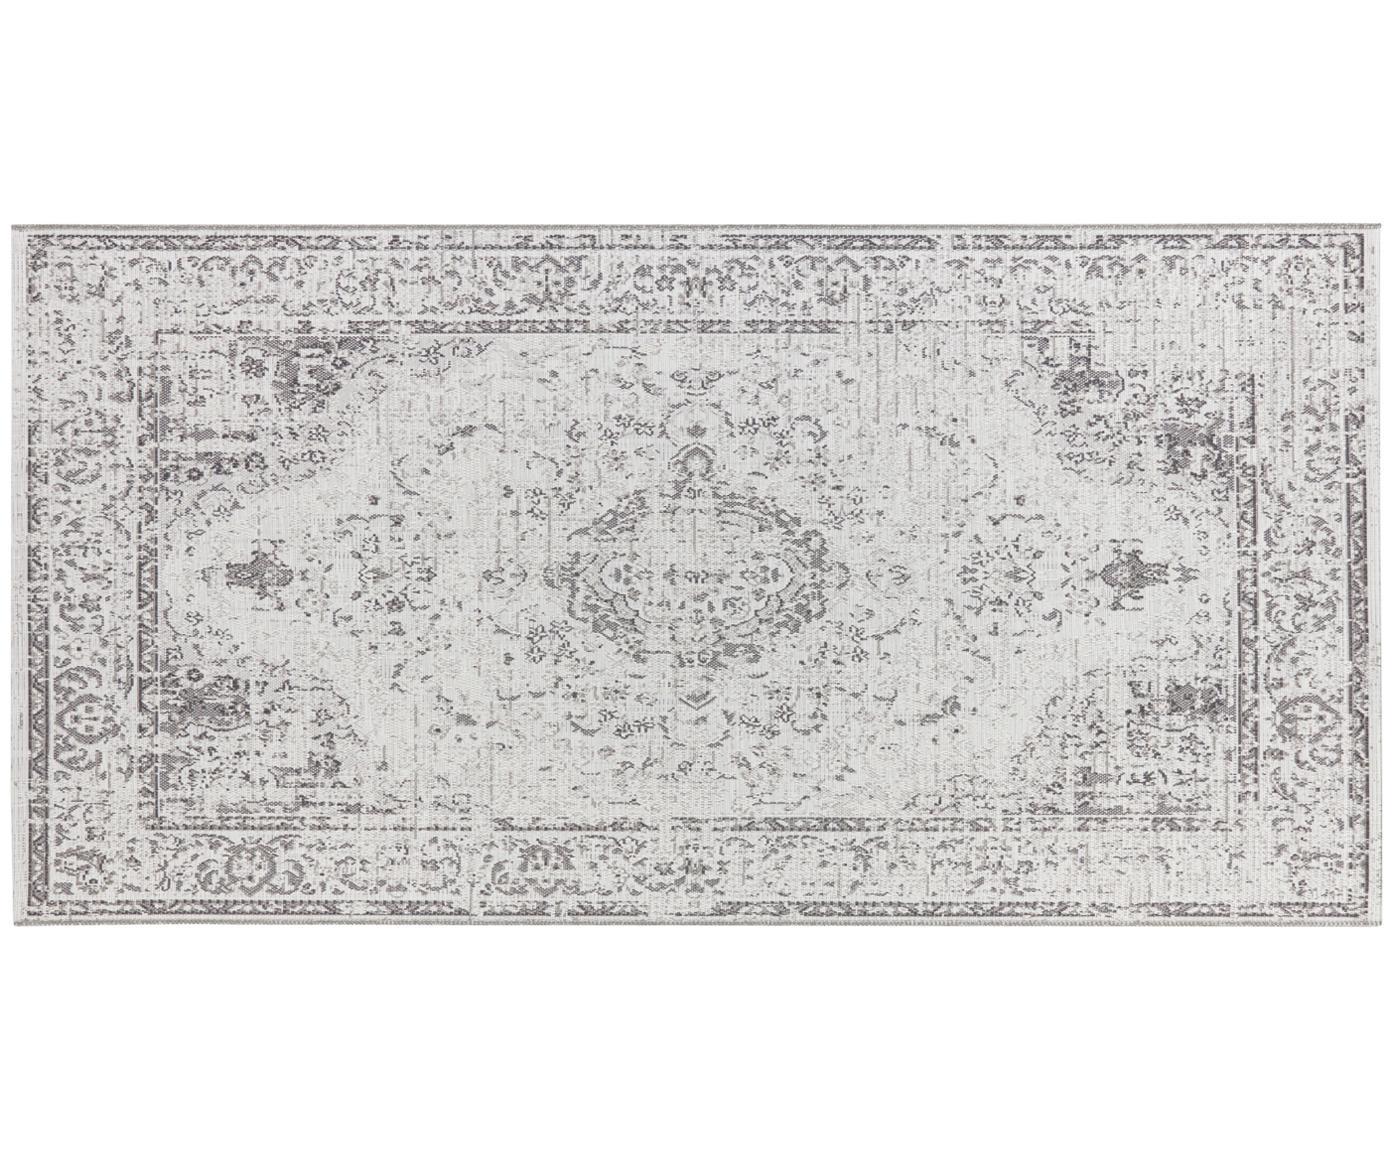 Tappeto vintage da interno-esterno Cenon, 100% polipropilene, Crema, grigio, Larg. 80 x Lung. 150 cm (taglia XS)